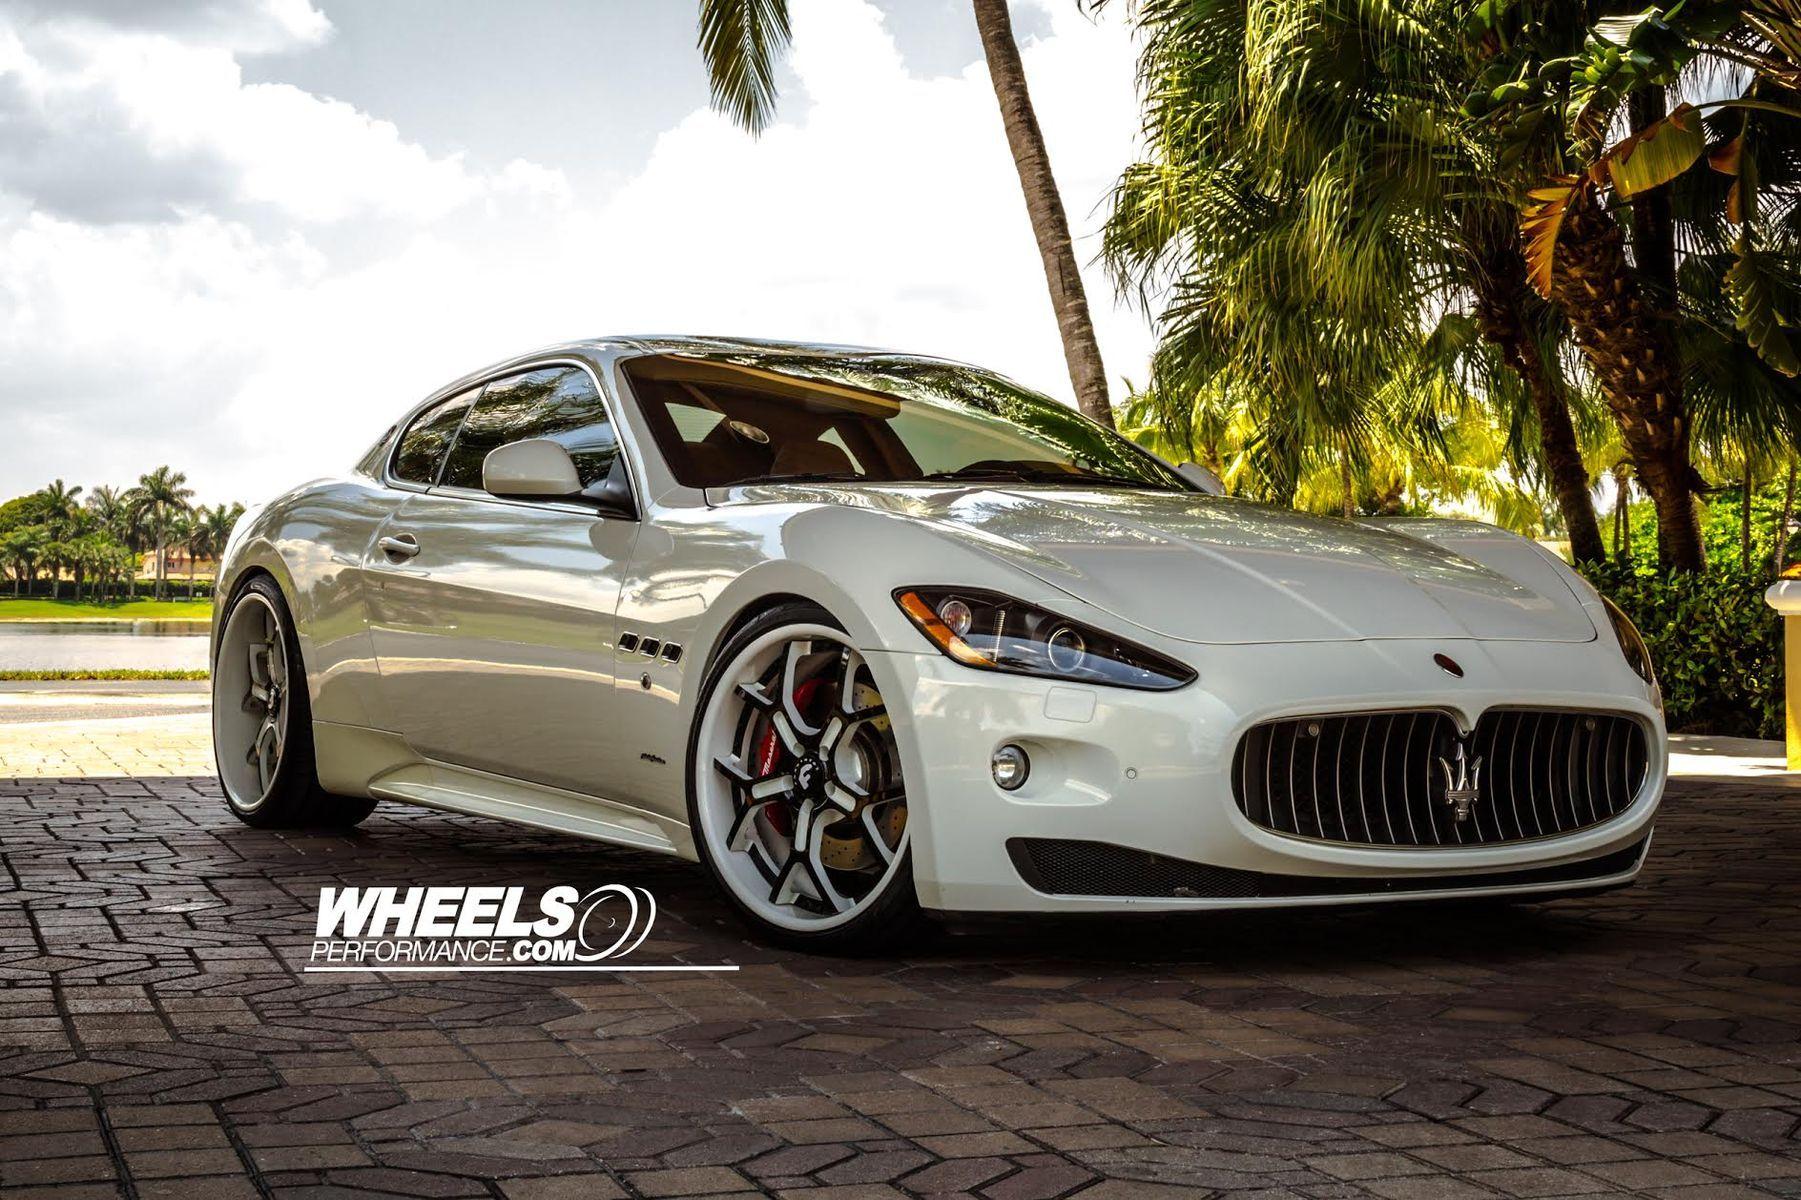 2010 Maserati GranTurismo   OUR CLIENT'S MASERATI GRAN TURISMO WITH 21/22